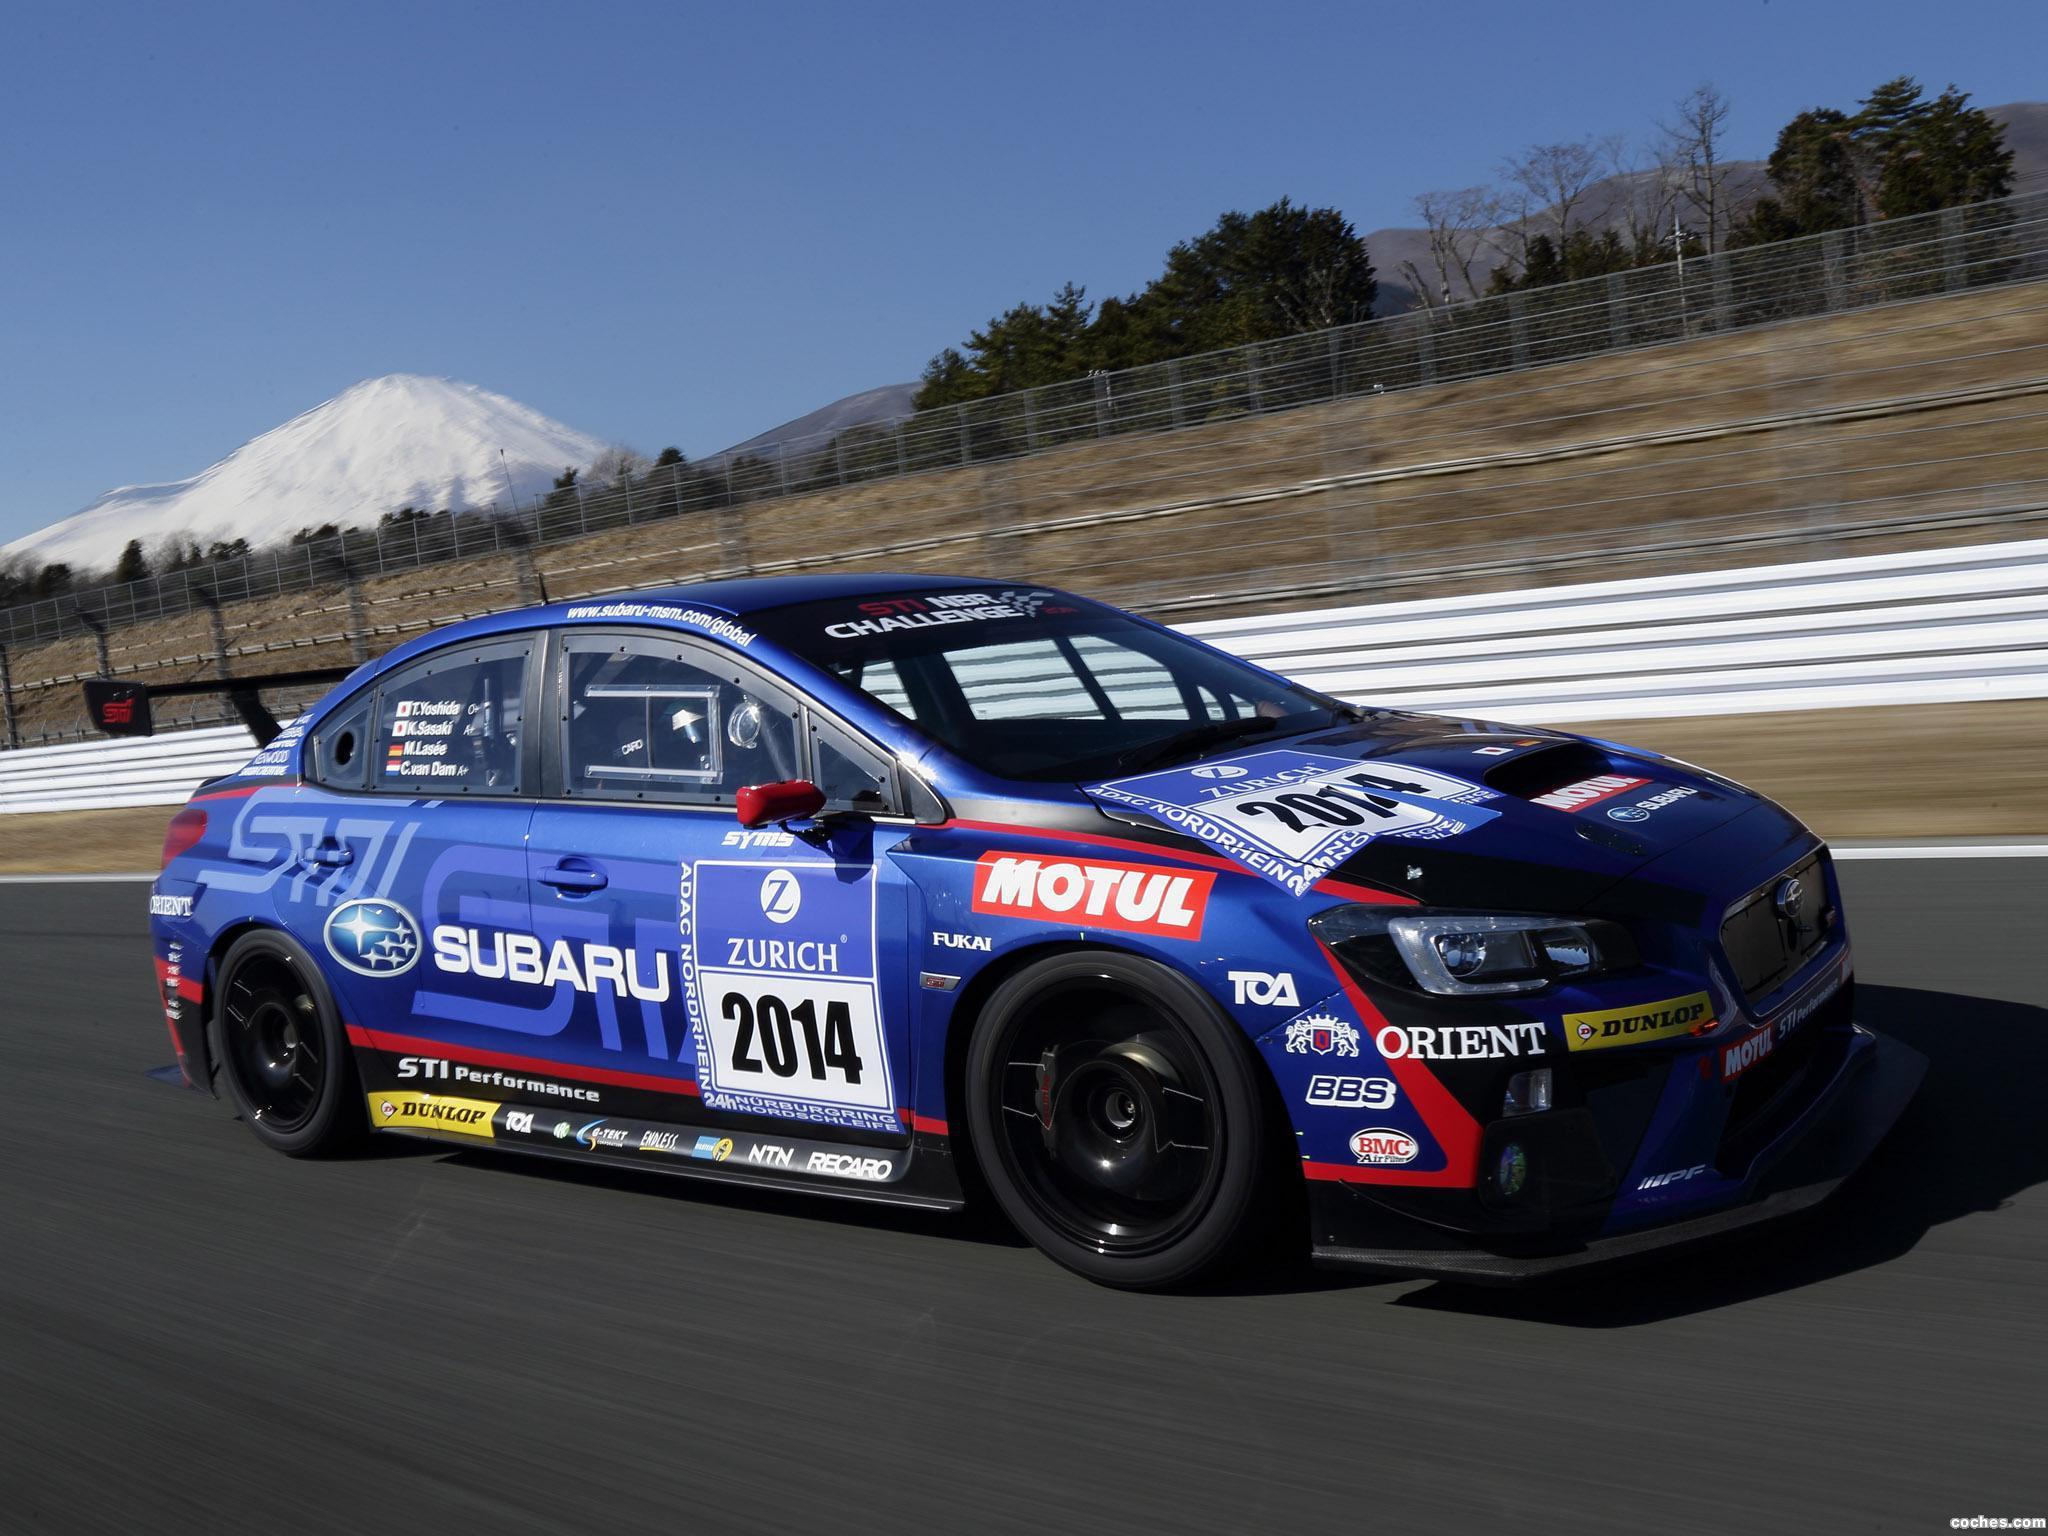 Foto 3 de Subaru WRX STI Race Car 2014